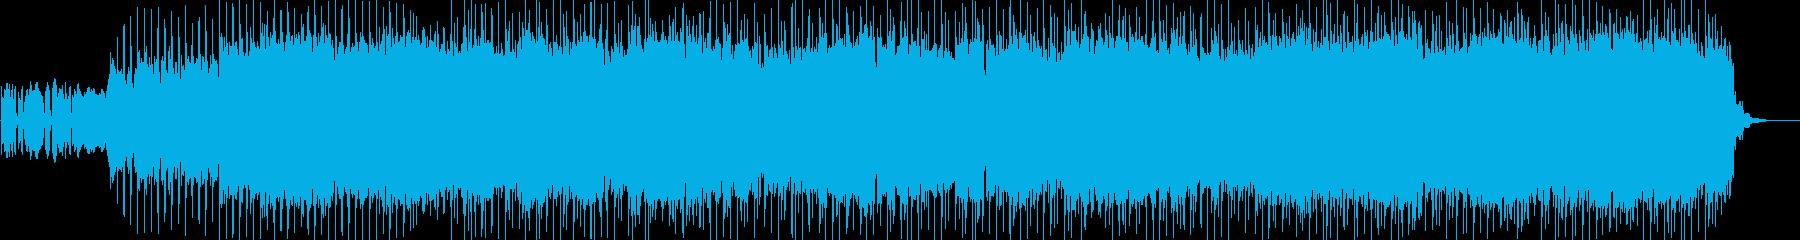 リフから始まるエレキギターのロックバンドの再生済みの波形